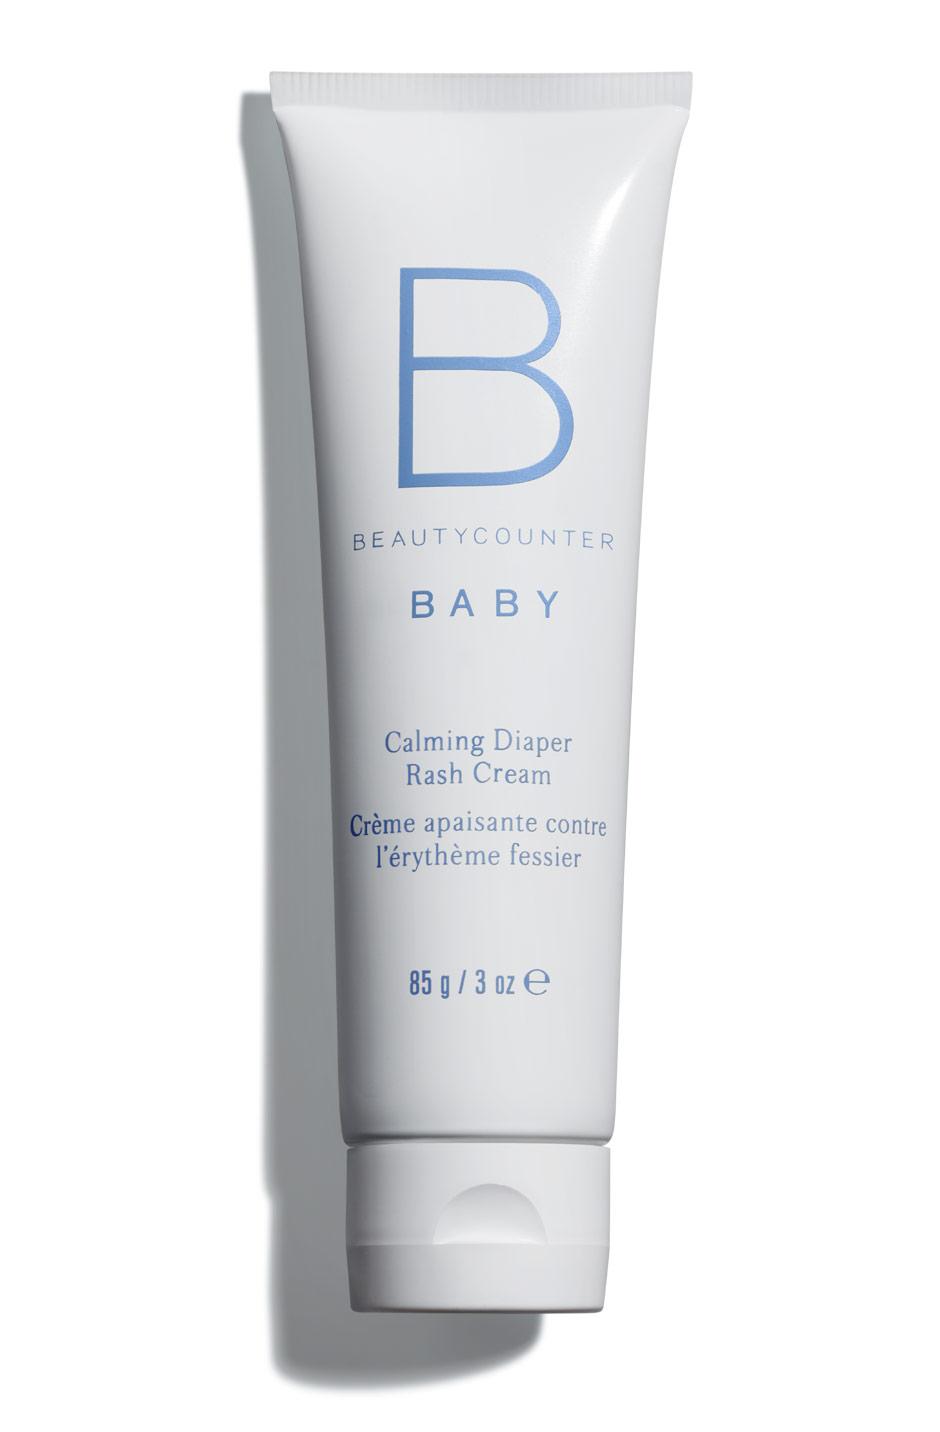 Wonderful Zinc Product Image Baby Ing Diaper Rash Cream Family Beautycounter Diaper Rash Cream Walmart Diaper Rash Cream baby Diaper Rash Cream